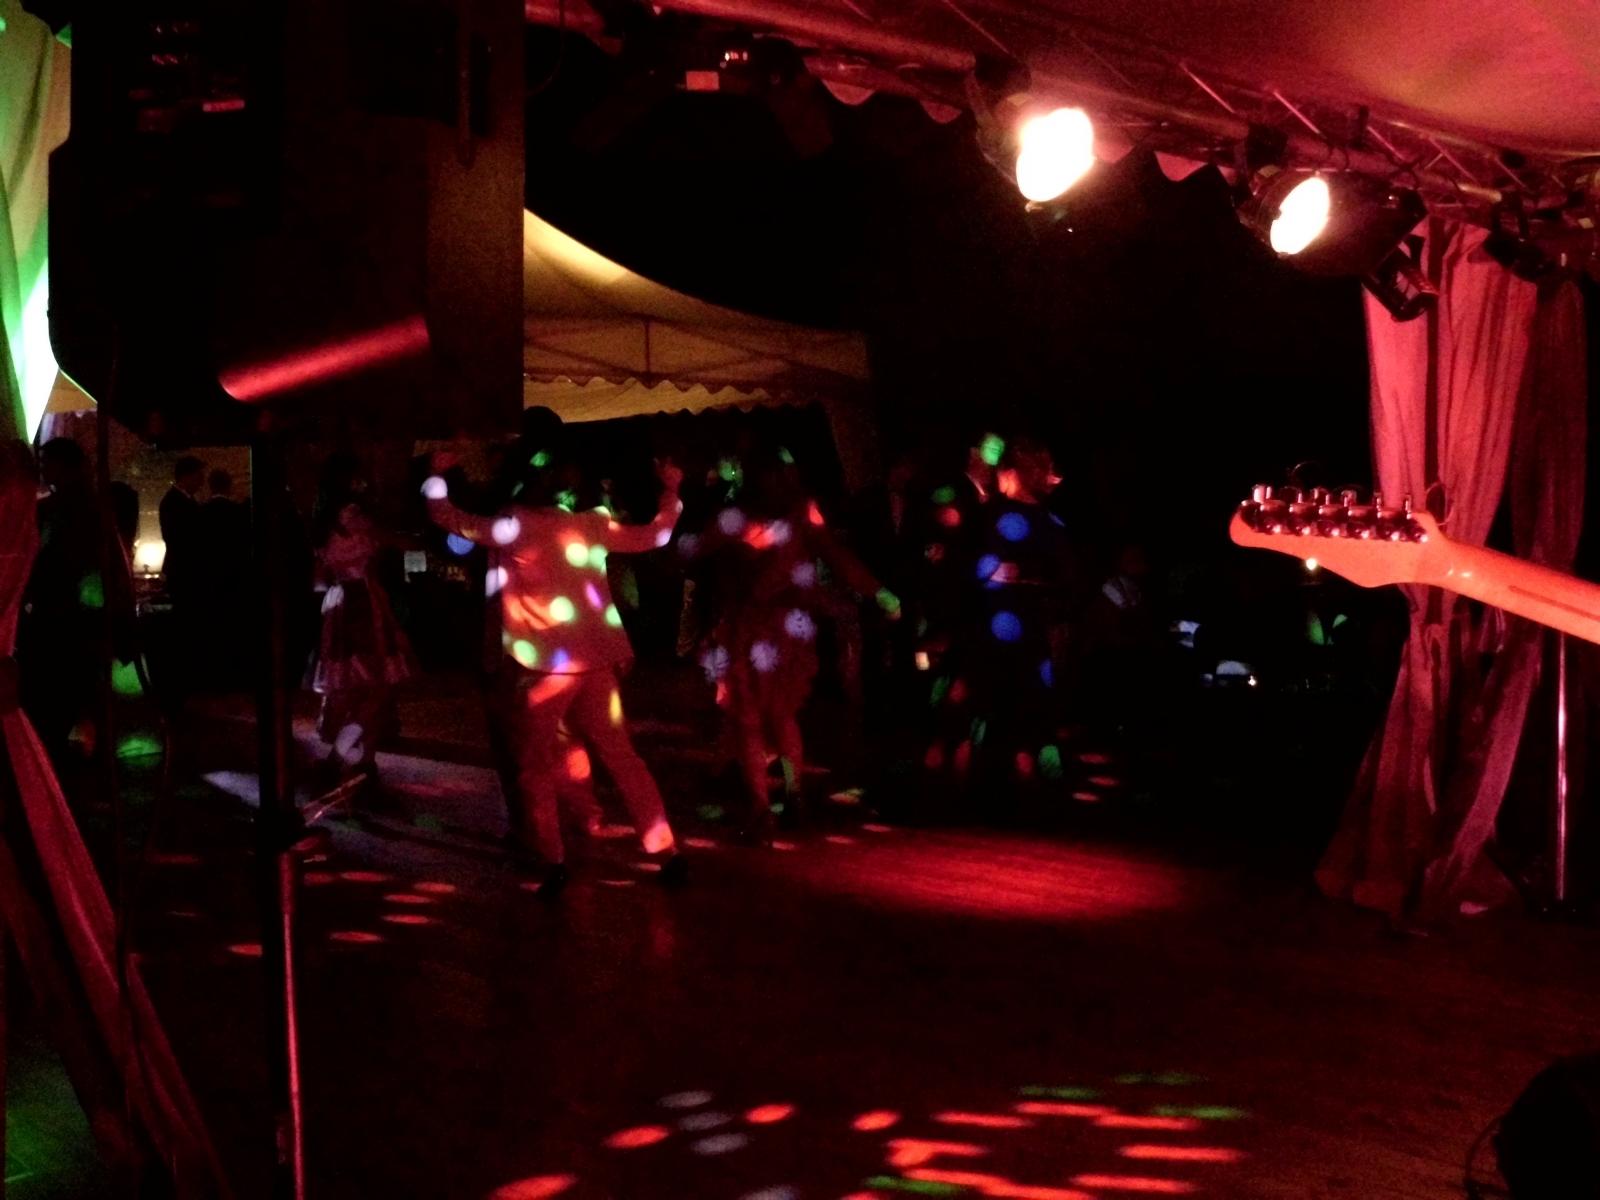 Zamek-Troja-A-TechService-efektove-nasviceni-ozvuceni-hudebni-produkce-DJ-2014